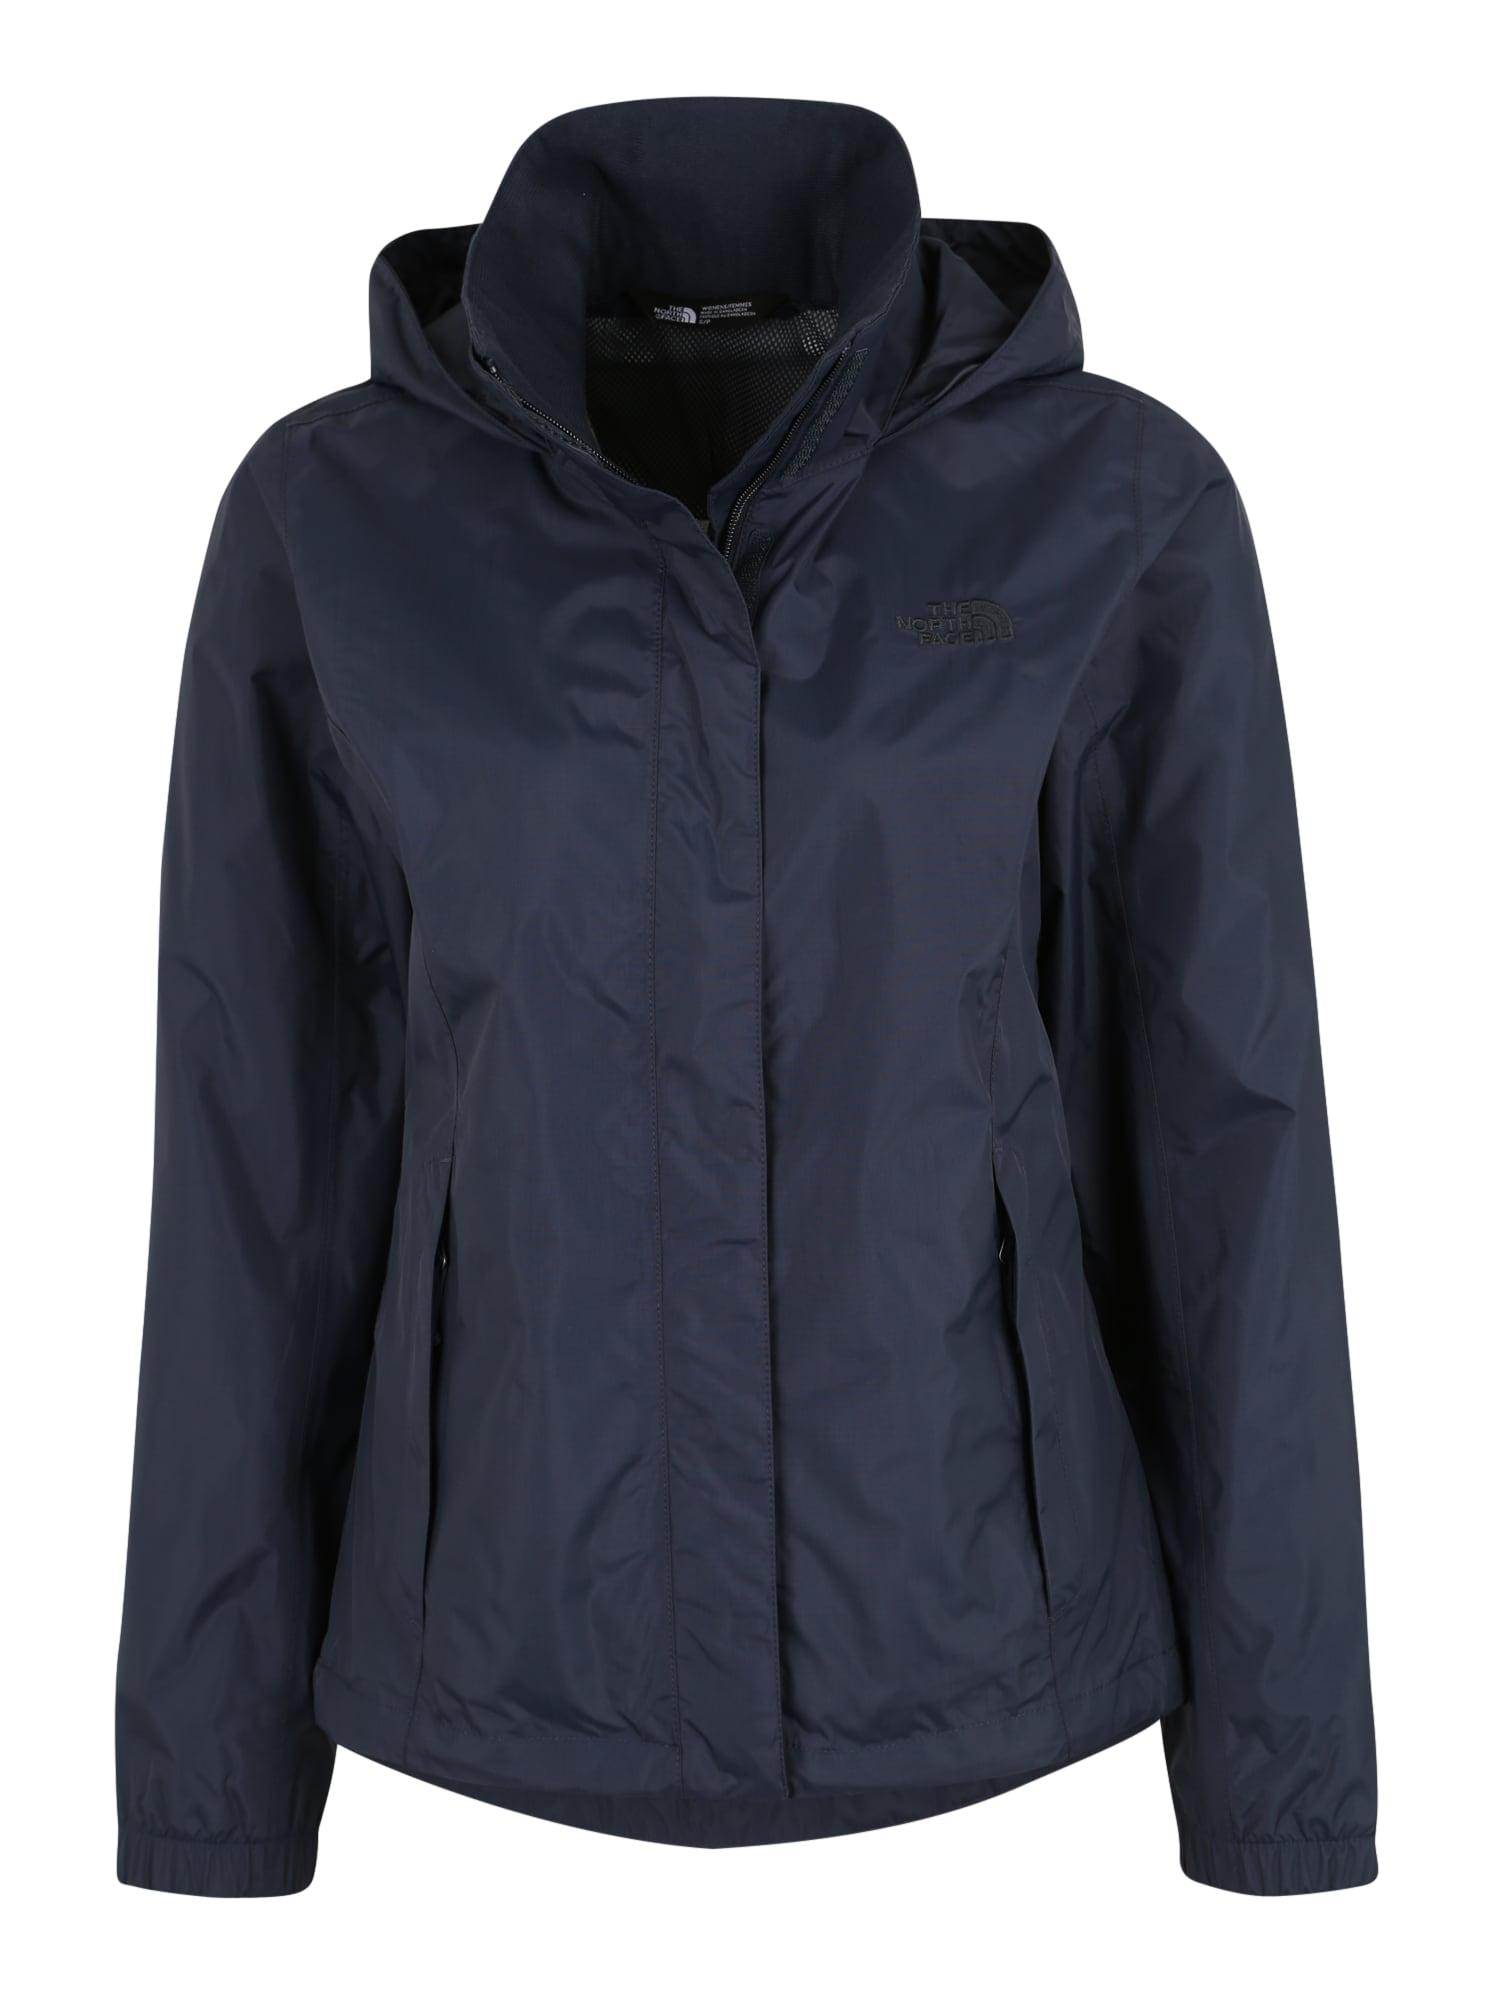 Outdoorová bunda Resolve námořnická modř THE NORTH FACE